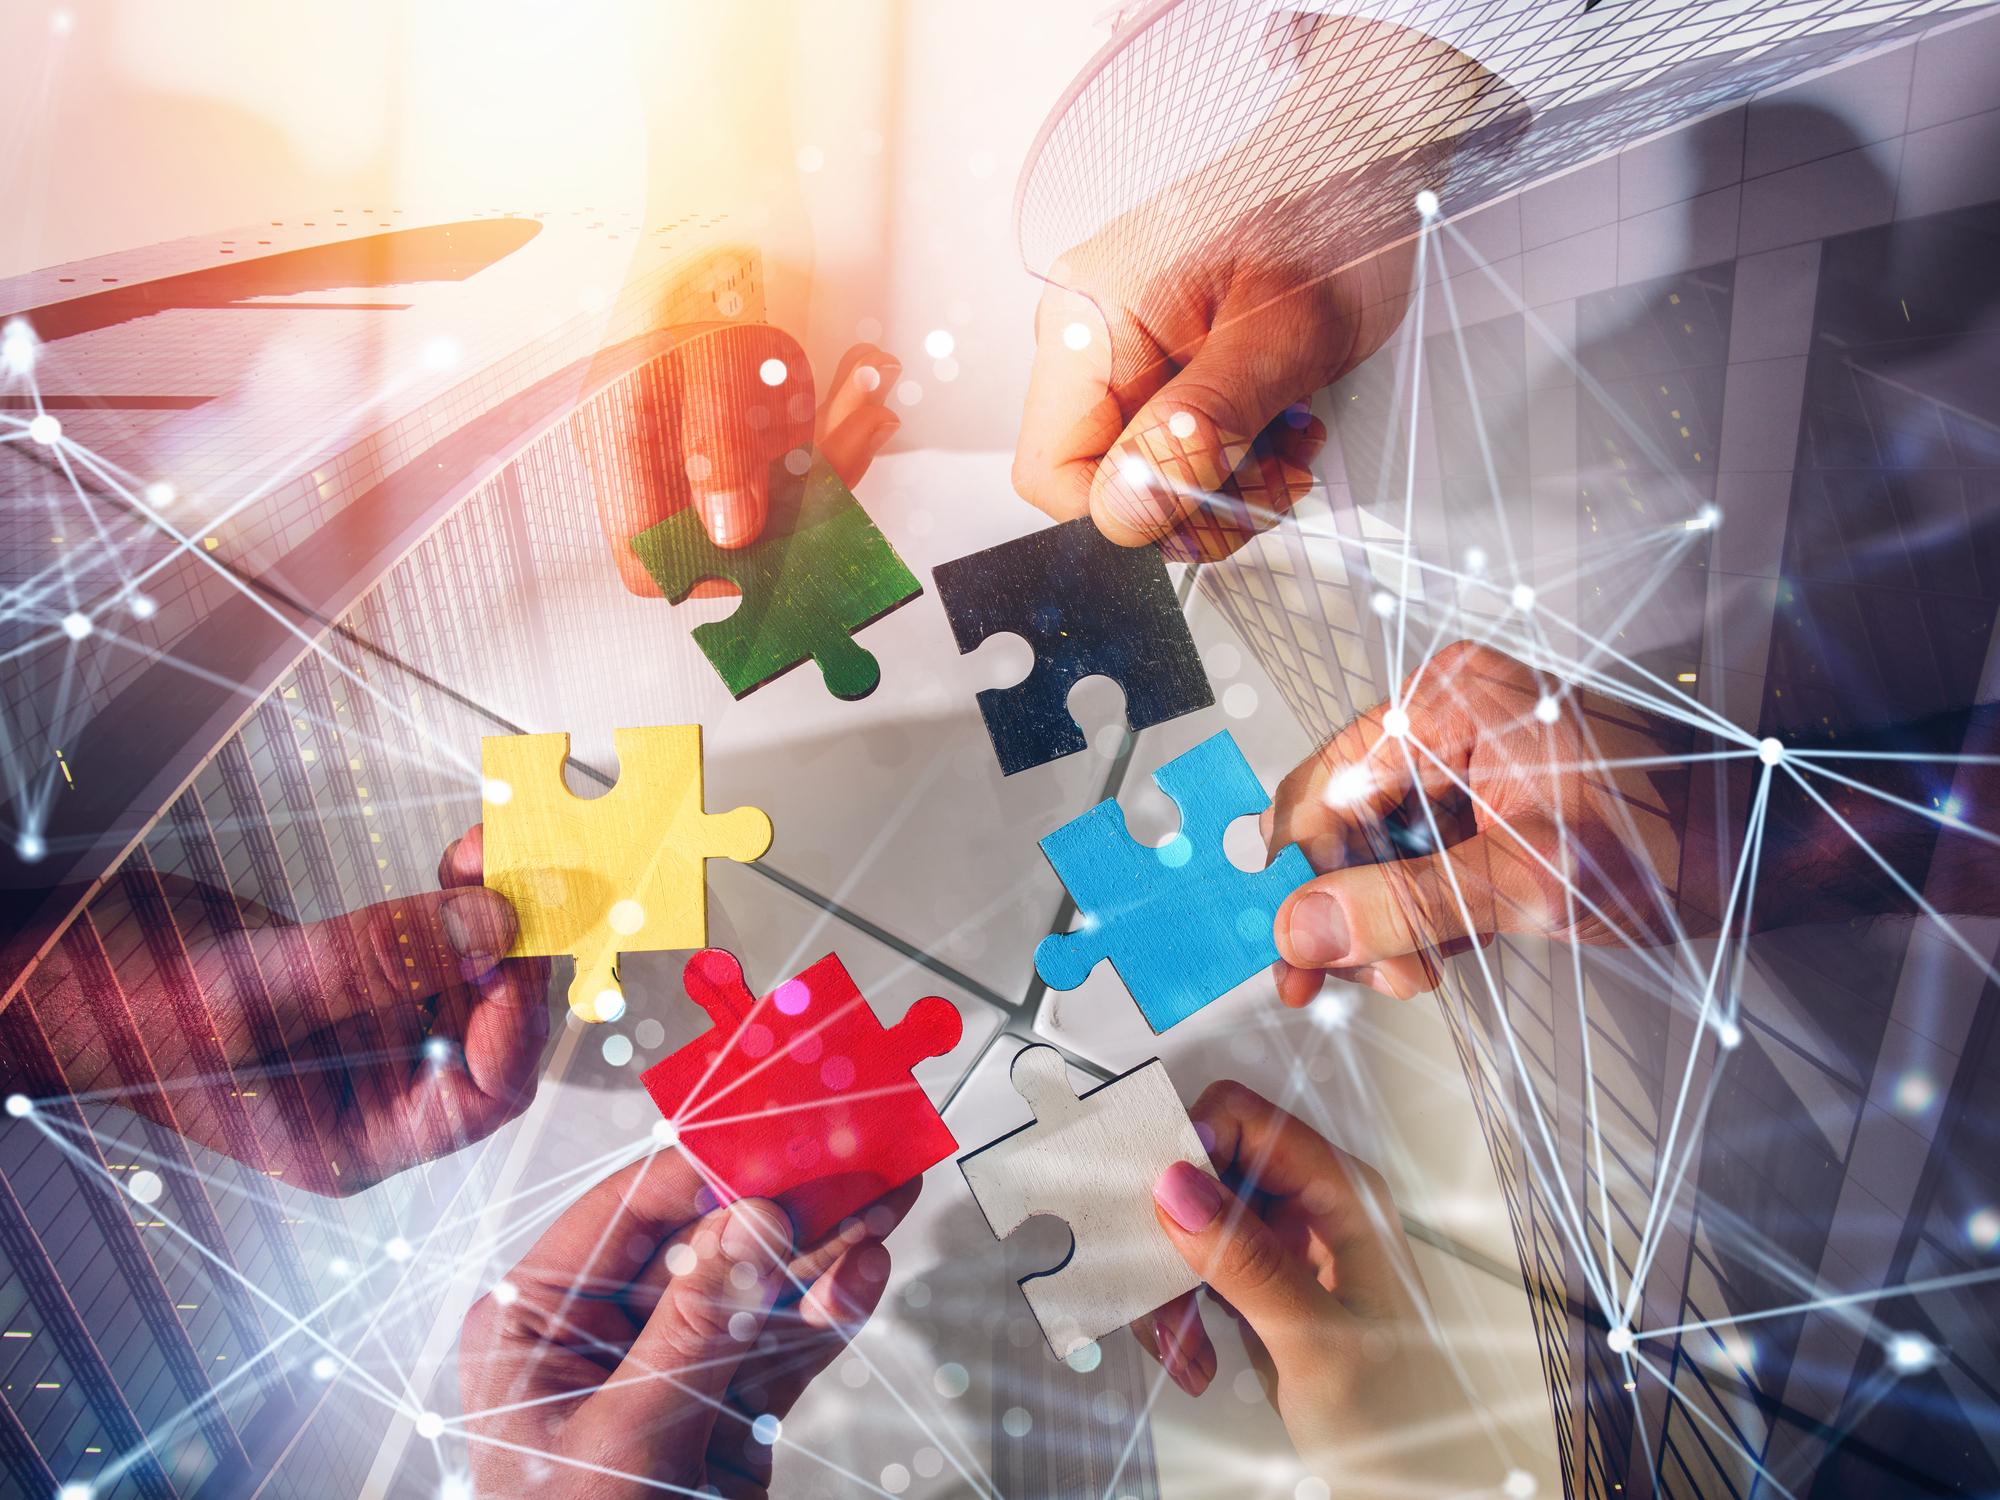 Mani uniscono pezzi puzzle con sfondo uffici e connessione